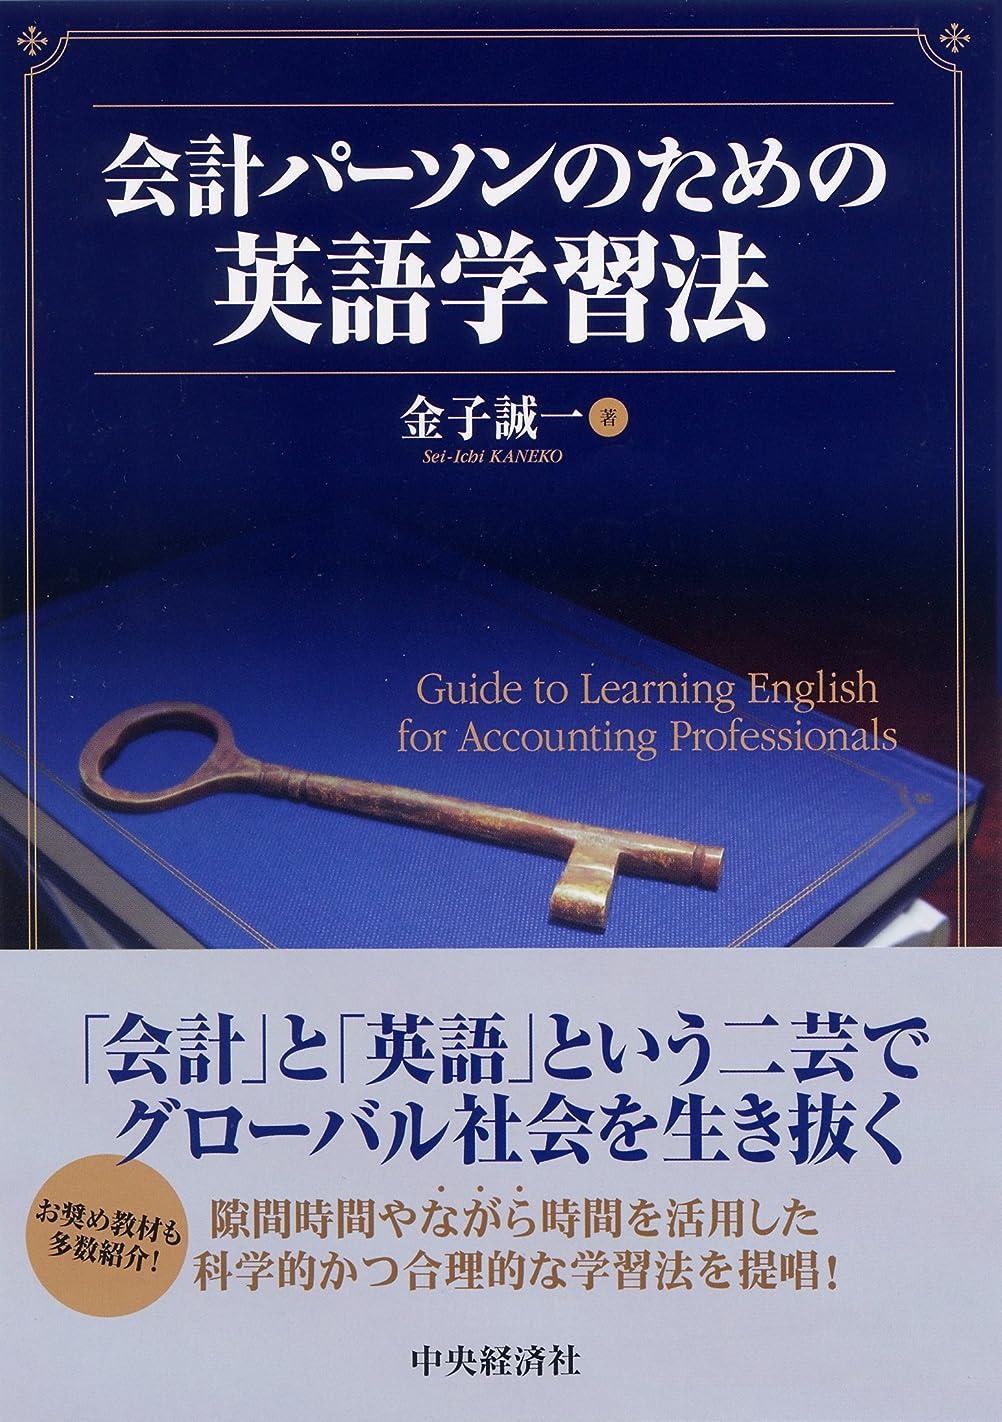 公演エミュレーション状会計パーソンのための英語学習法